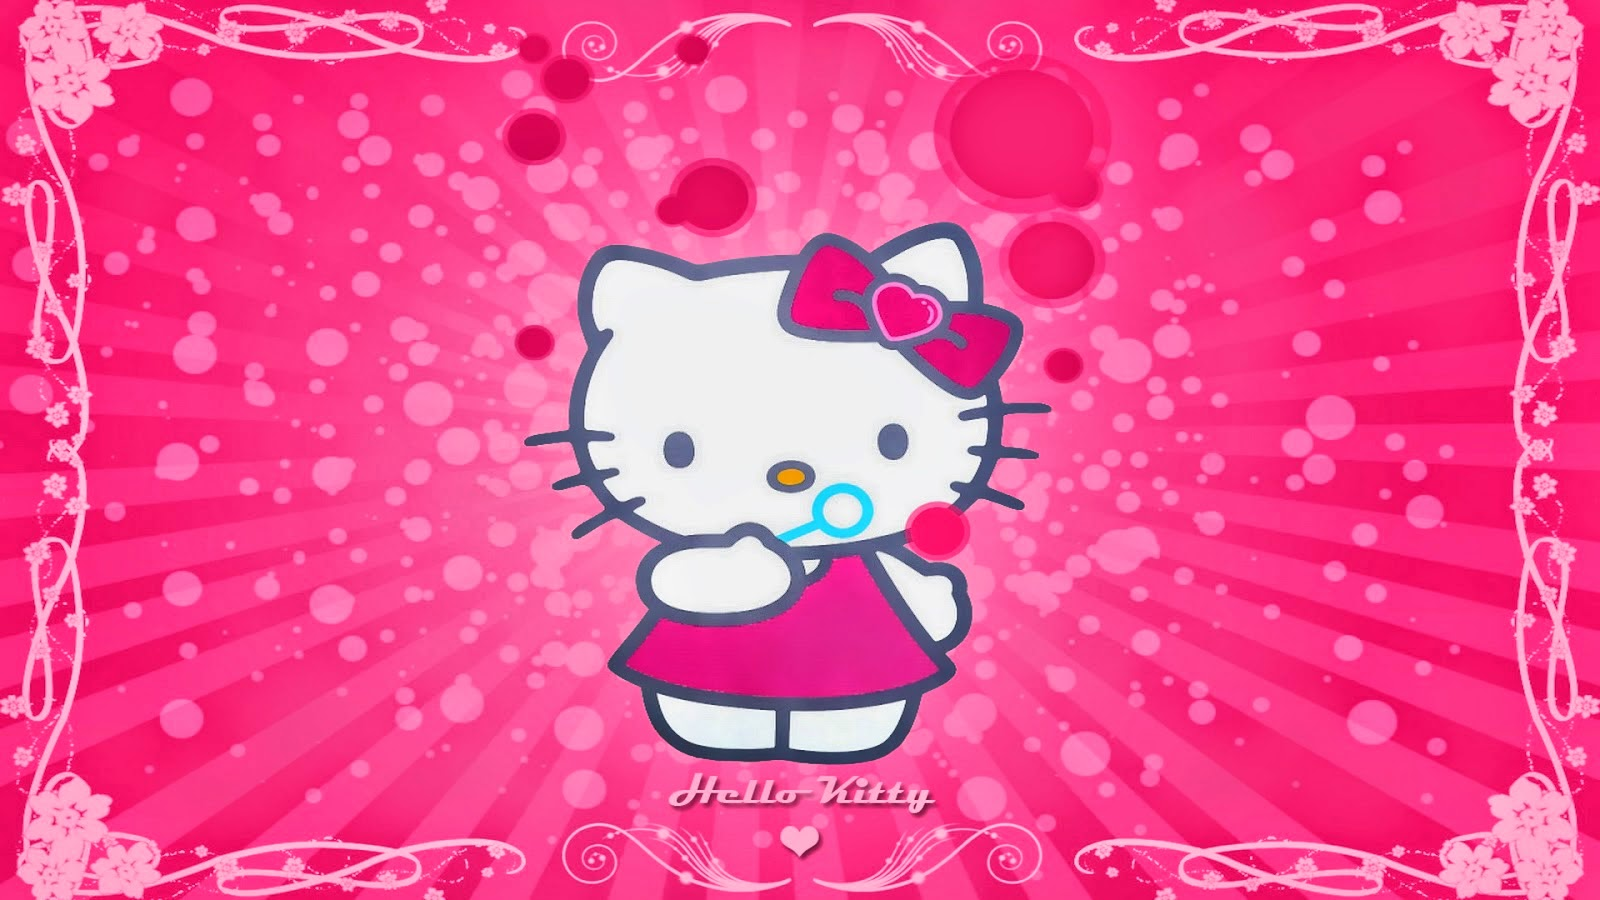 Tải 26 Hình Nền Hello Kitty đẹp Full Hd